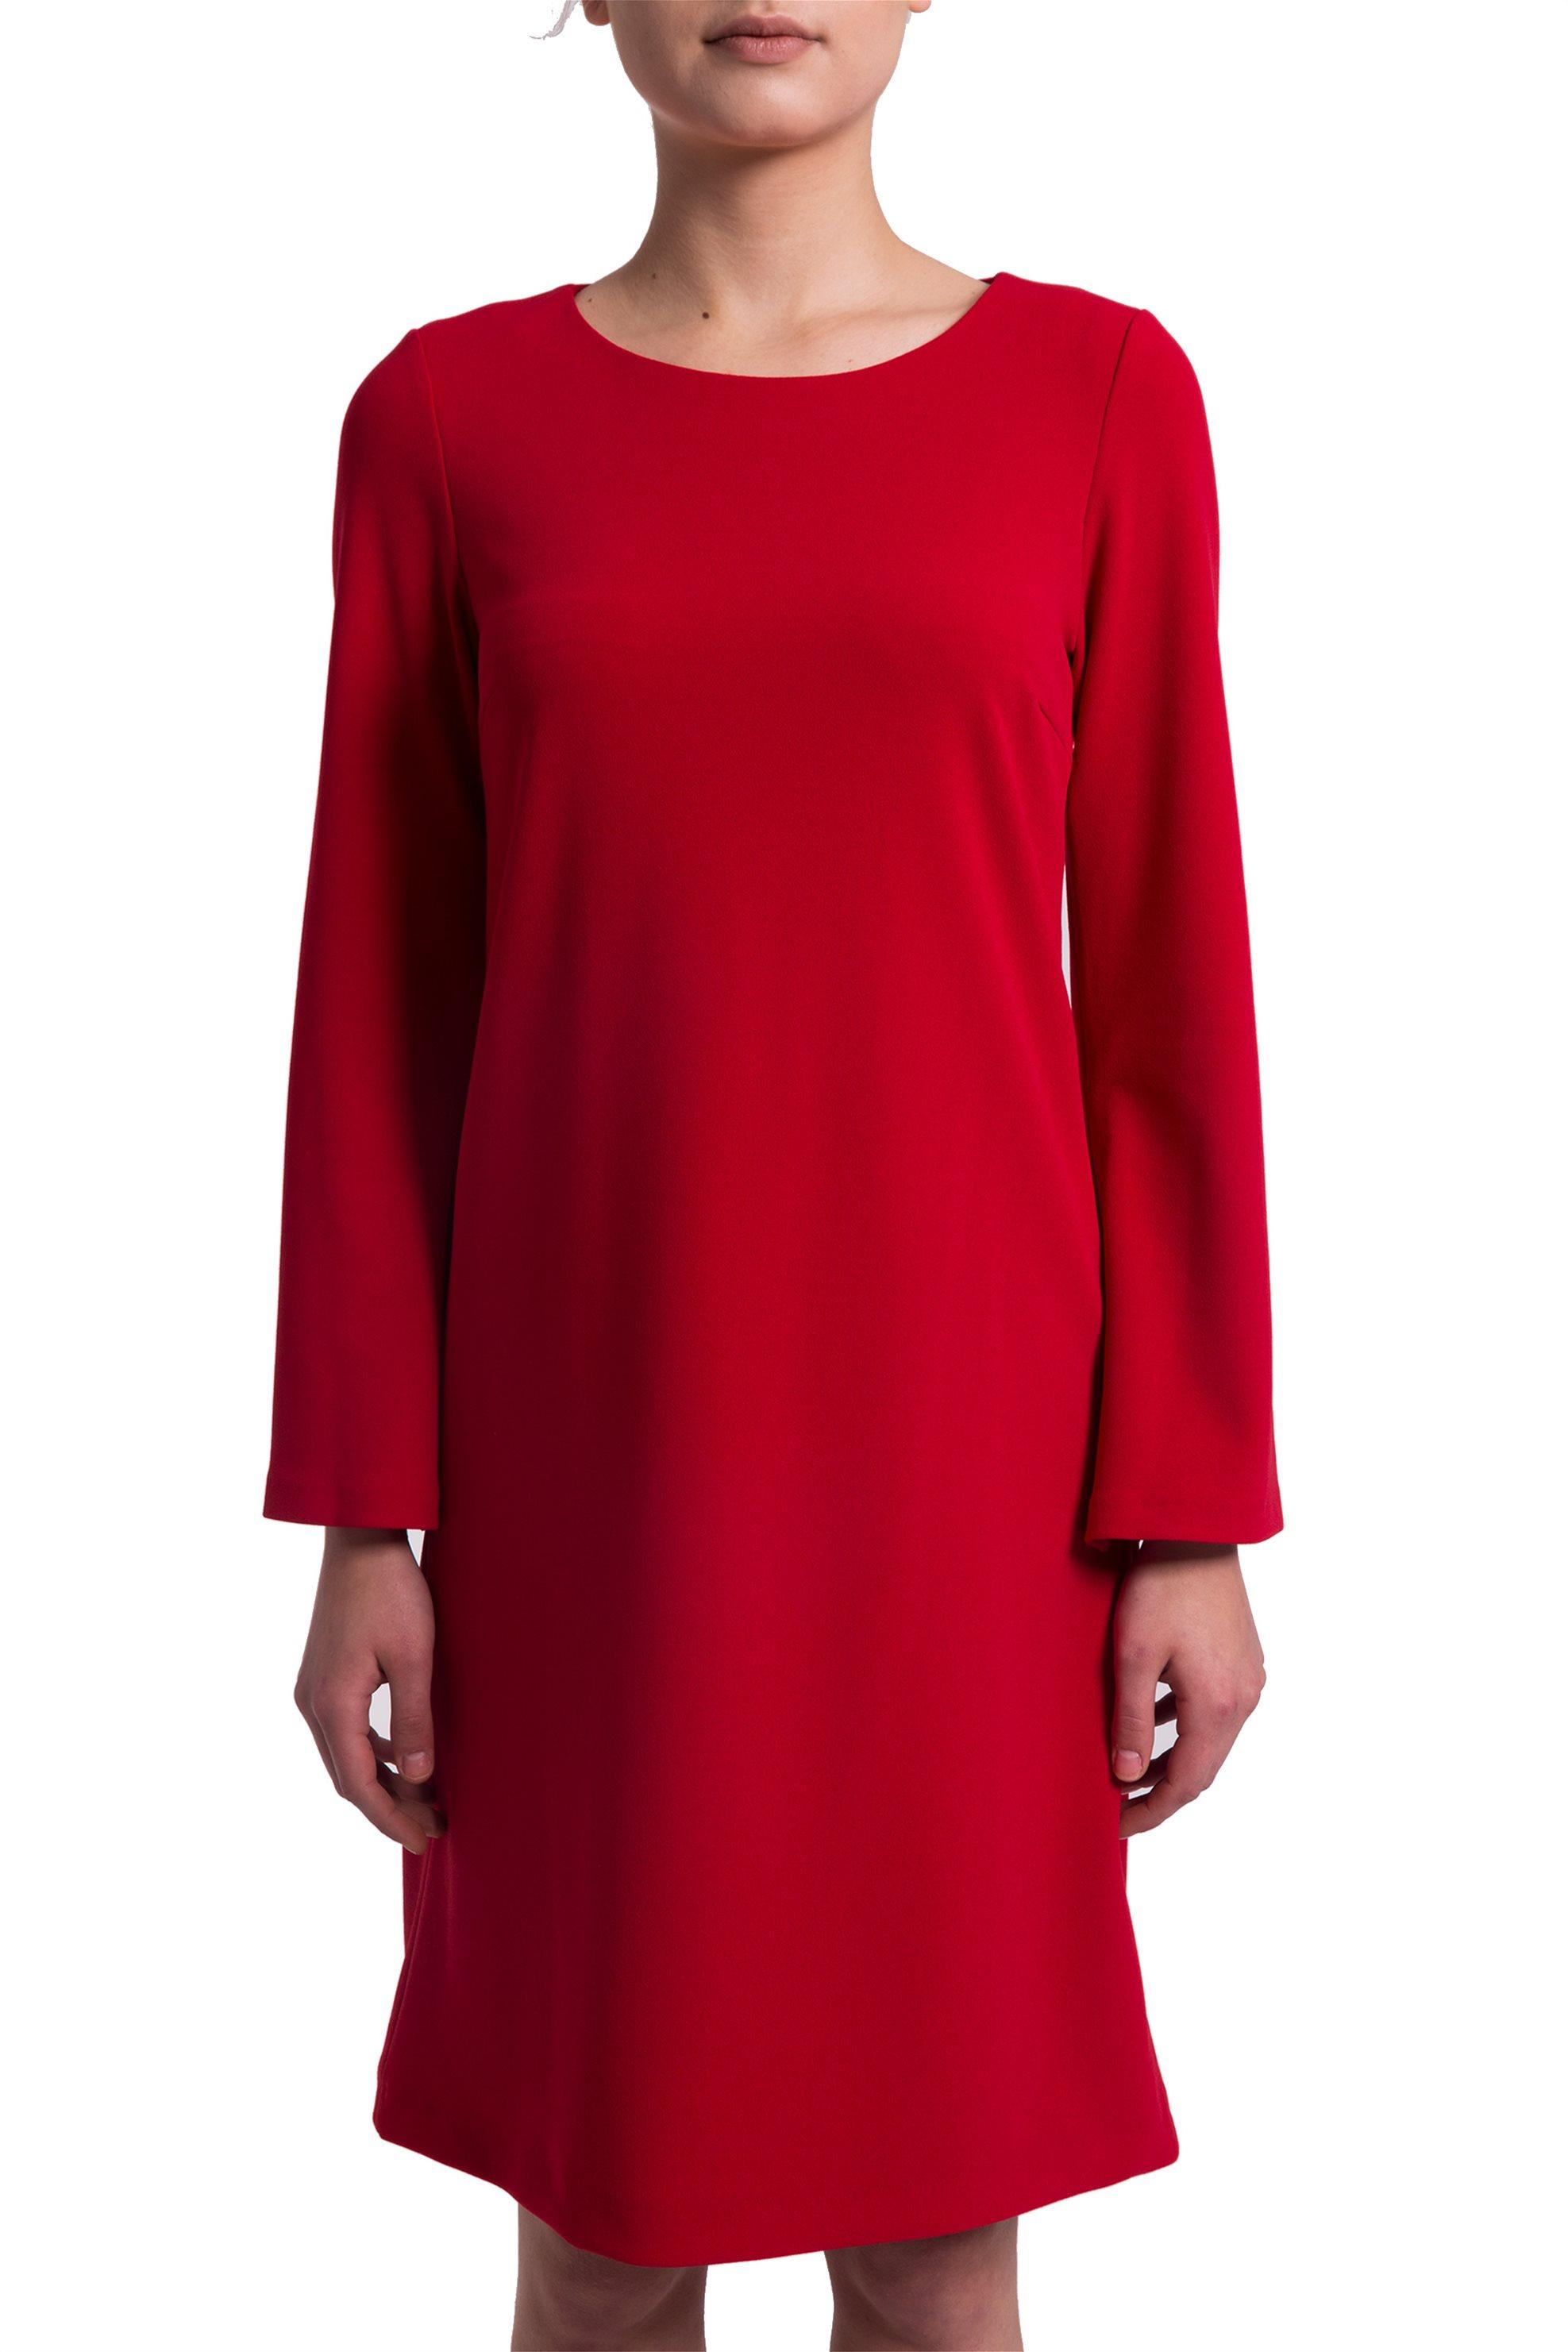 Γυναικείο φόρεμα με μανίκι καμπάνα Esprit - 028EO1E009 - Κόκκινο γυναικα   ρουχα   φορέματα   mini φορέματα